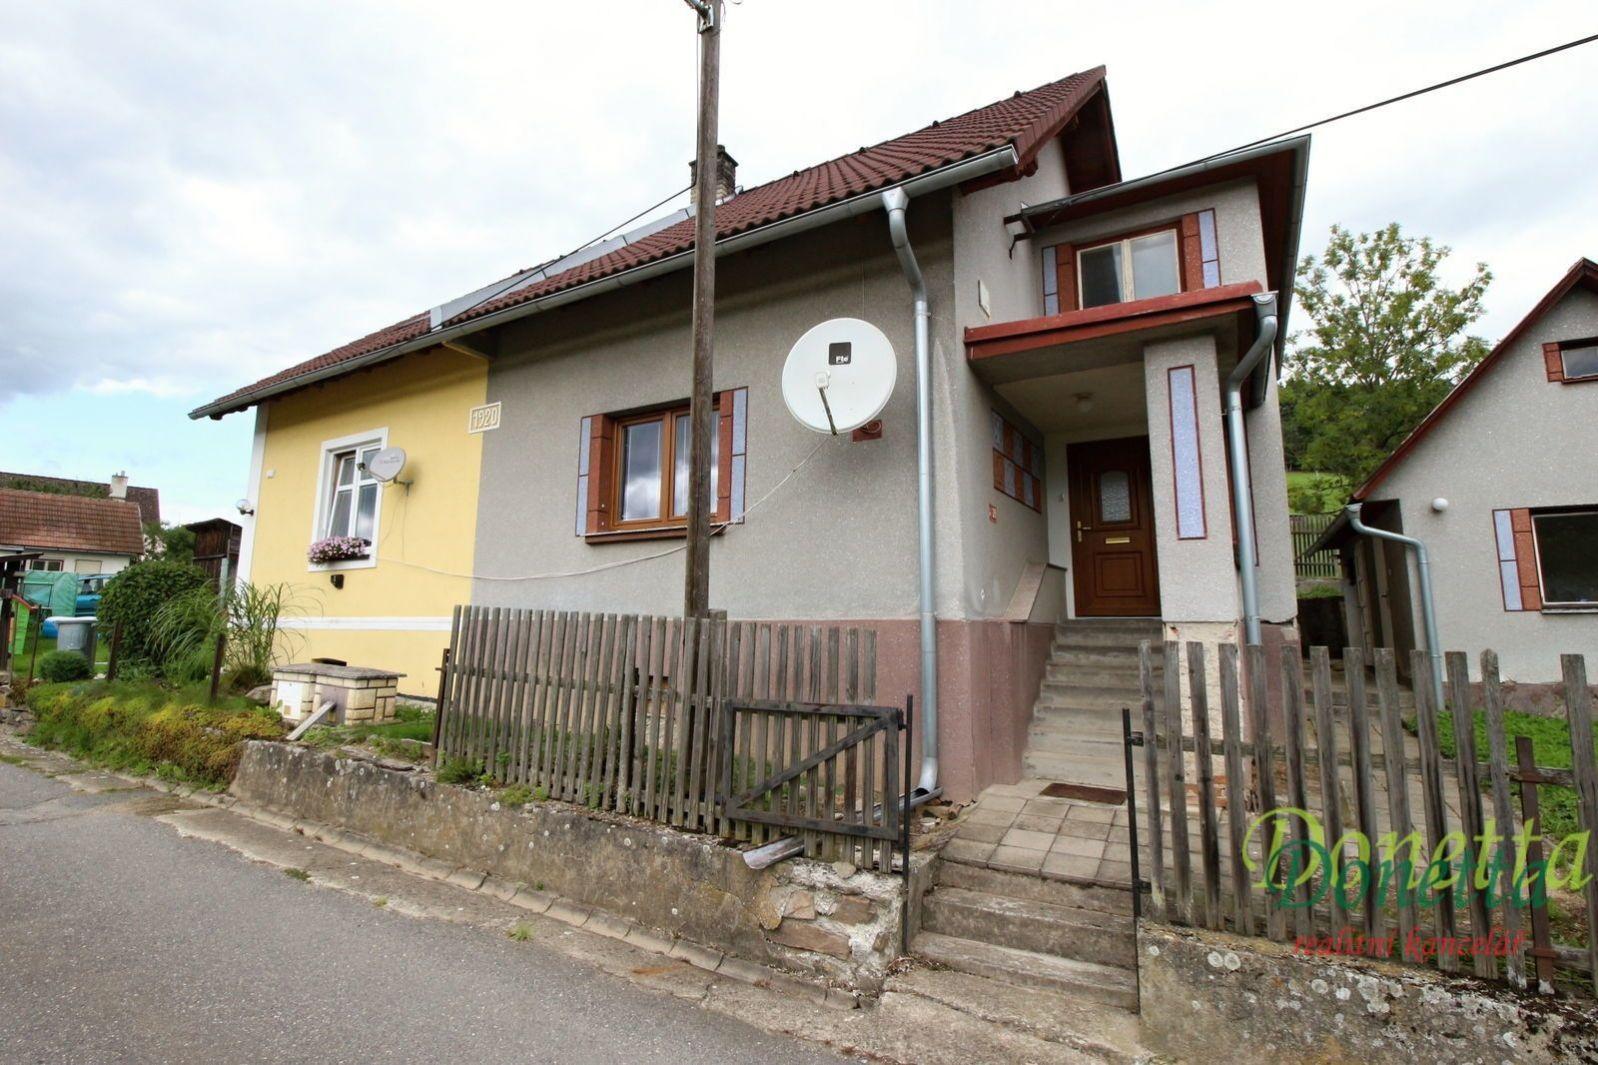 Prodej RD 3+kk s vedlejšími stavbami, pozemek 334 m2, klidné místo v obci Unčín,okr. Žďár n. Sázavou